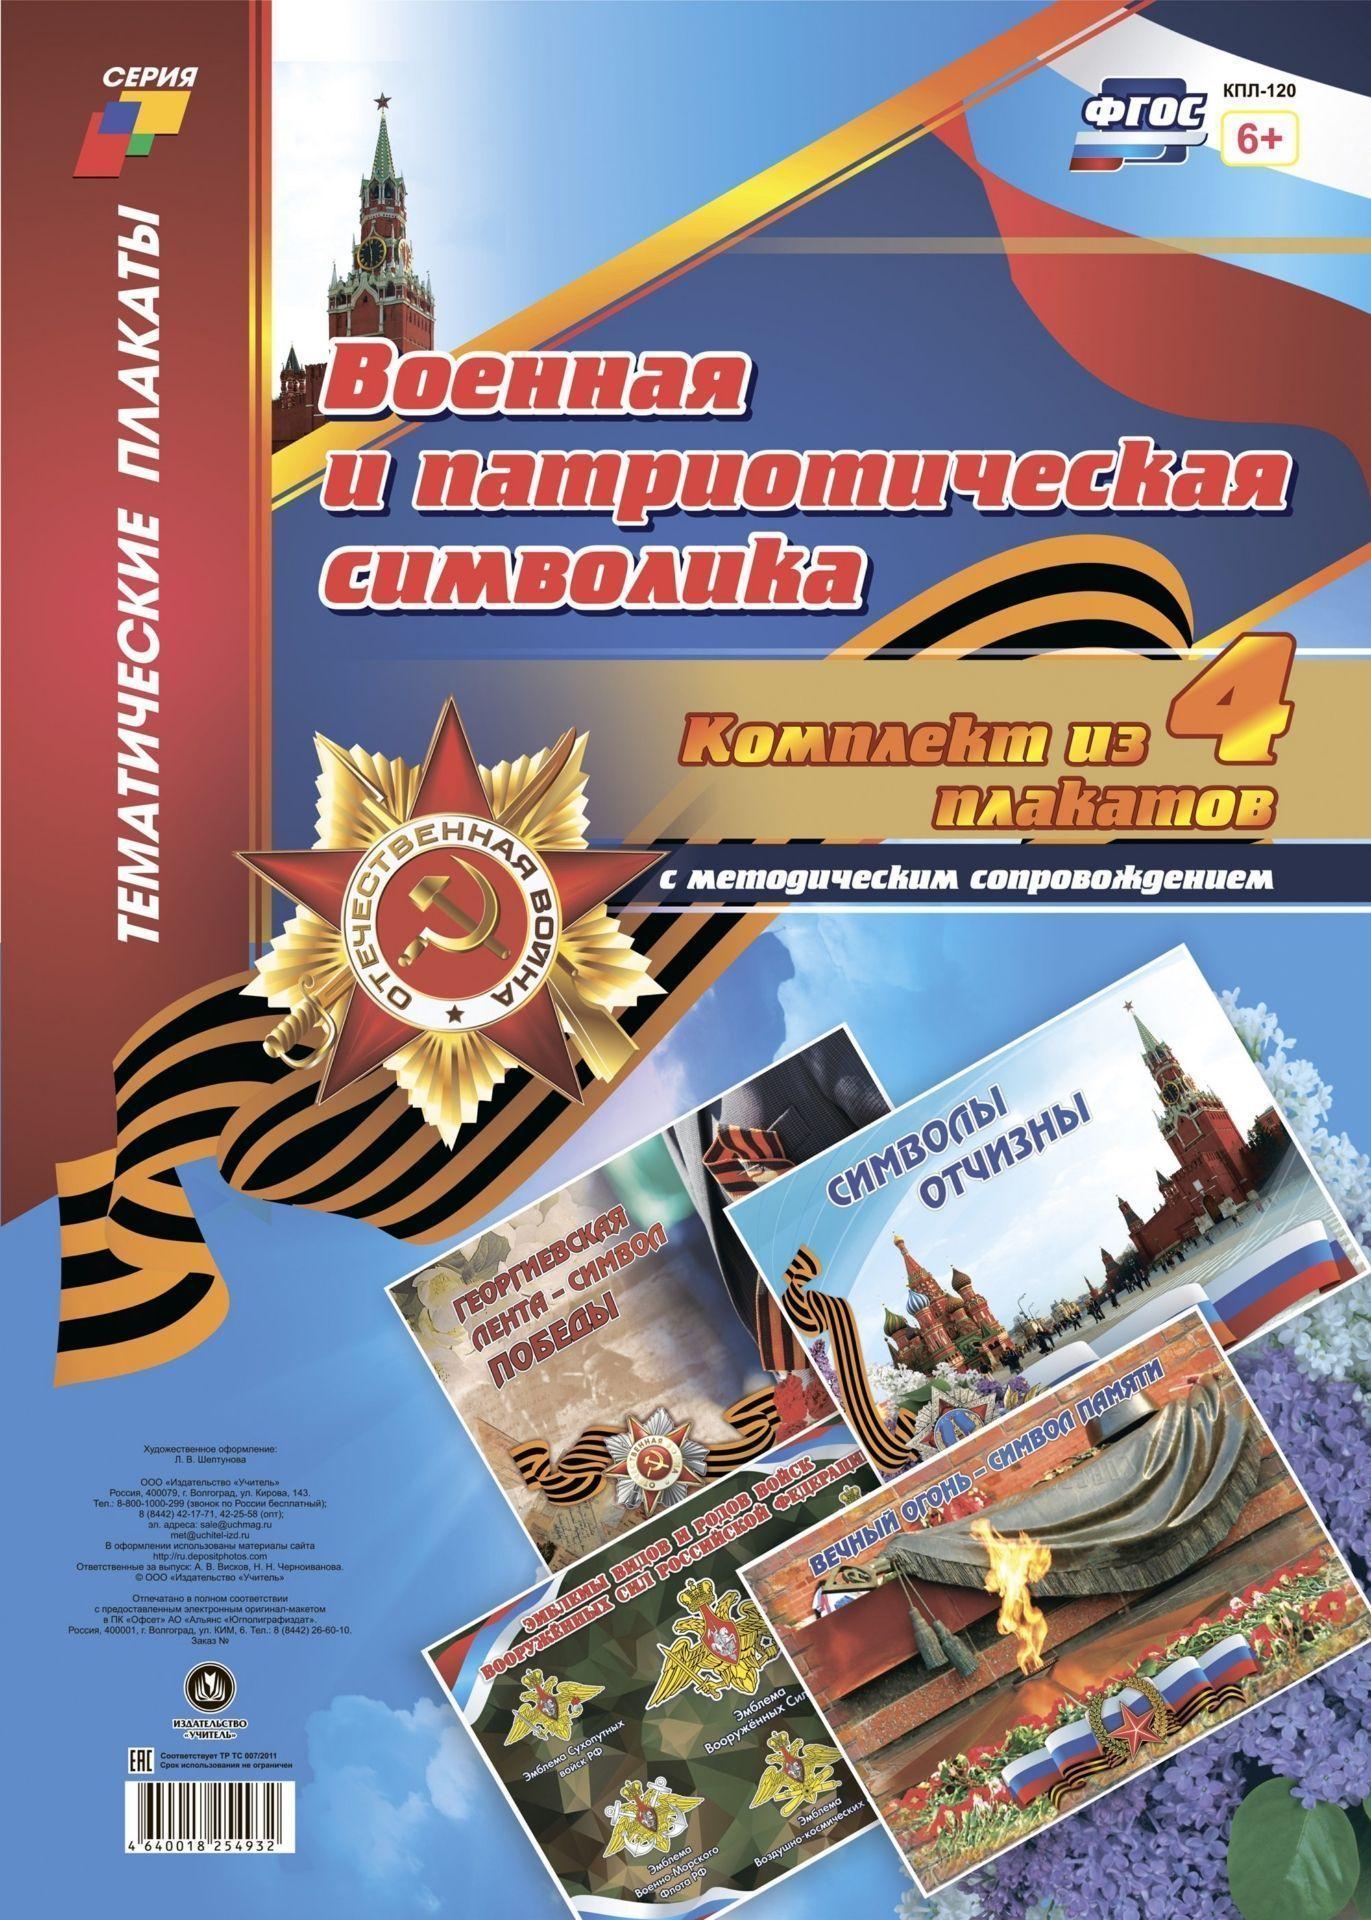 """Фото #1: Комплект плакатов """"Военная и патриотическая символика"""": 4 плаката с методическим сопровождением"""